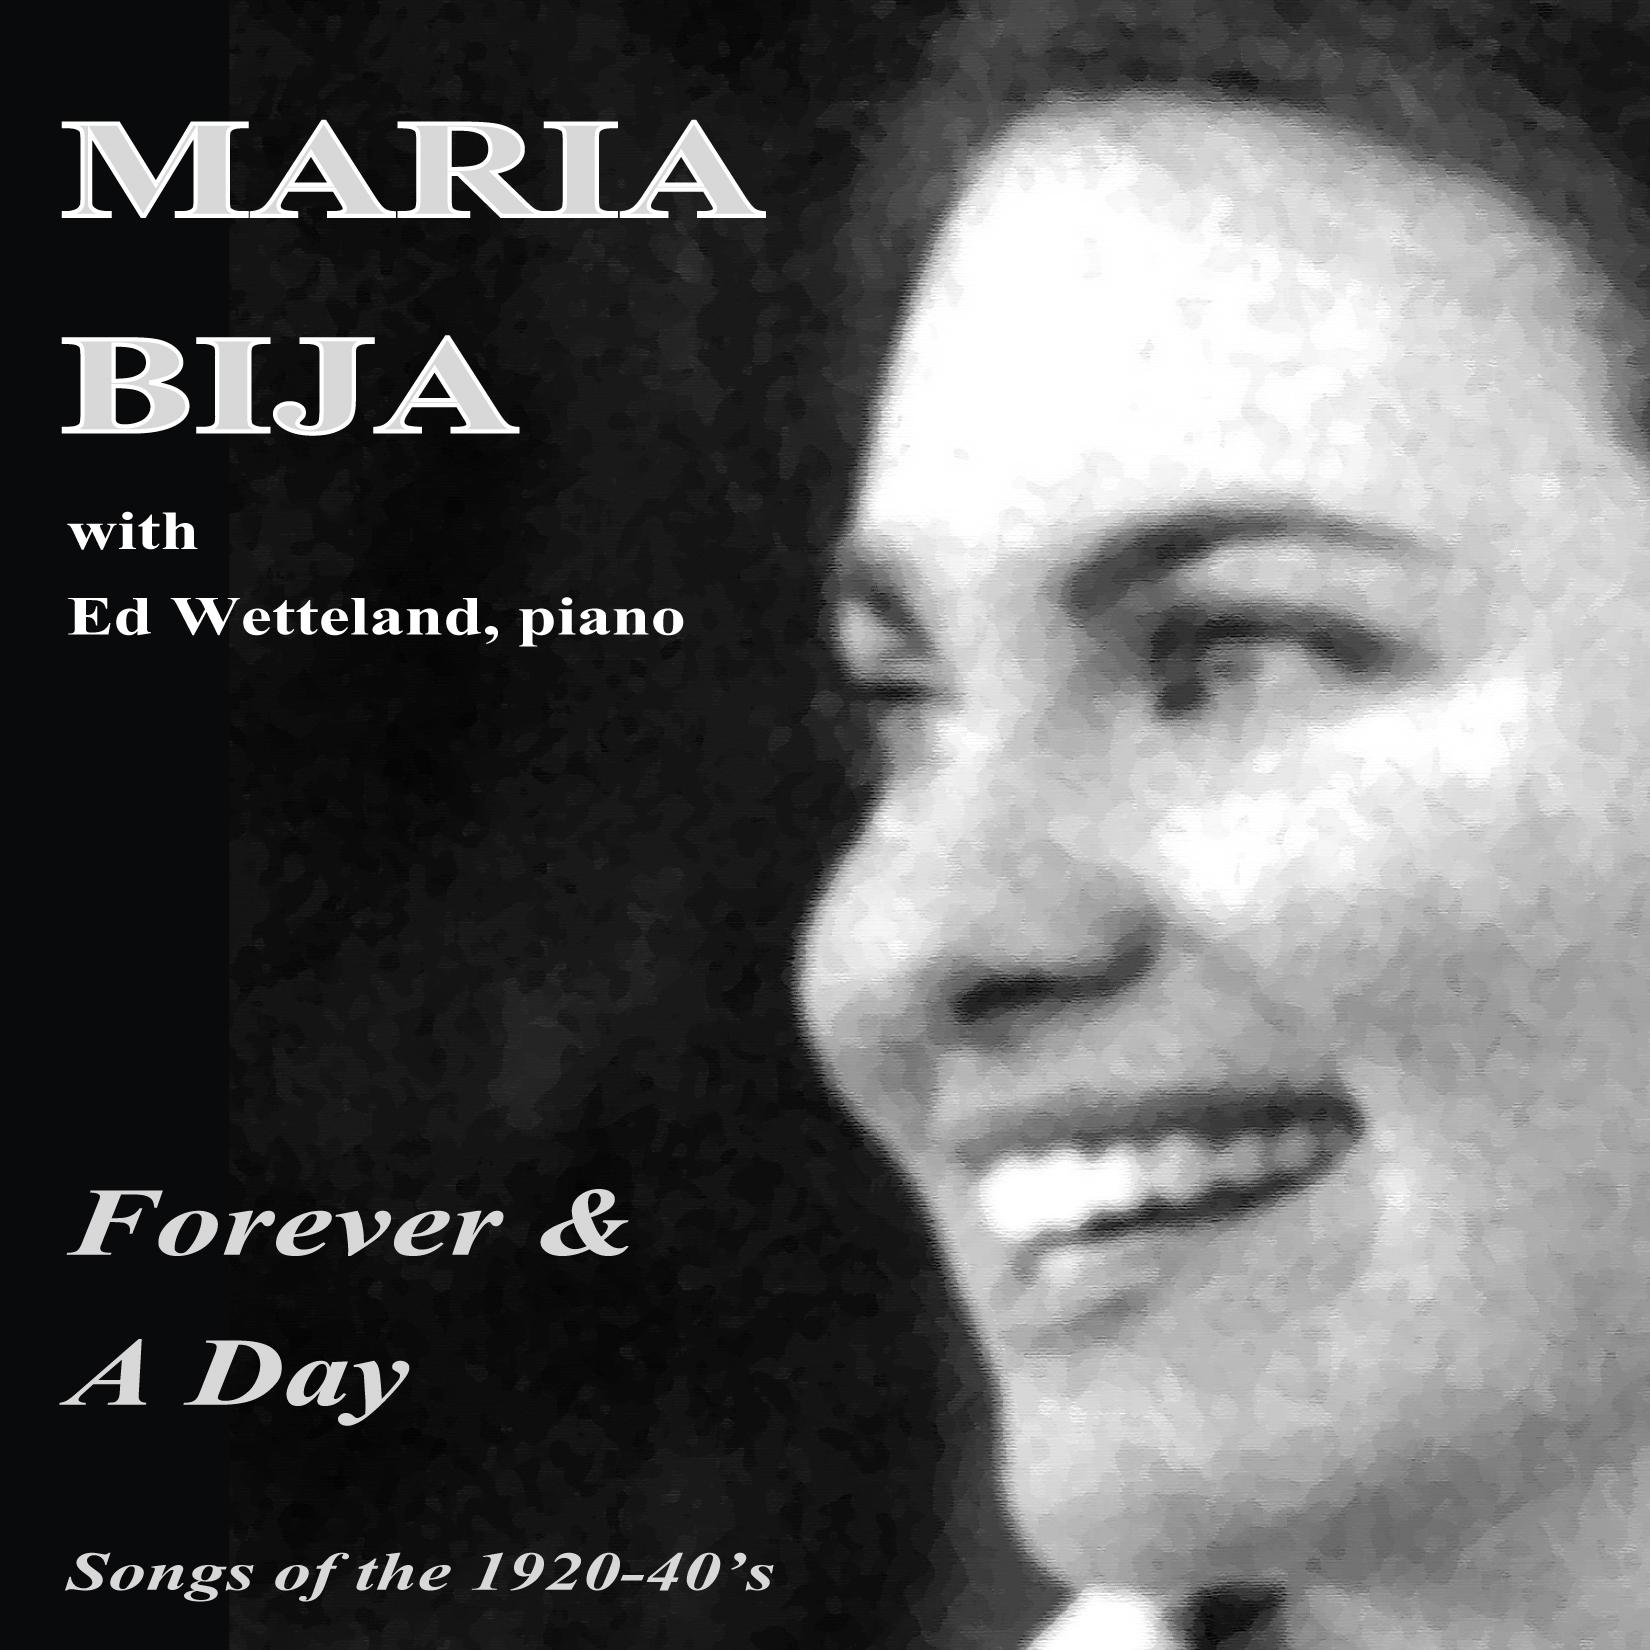 Maria Bija Forever & A Day album